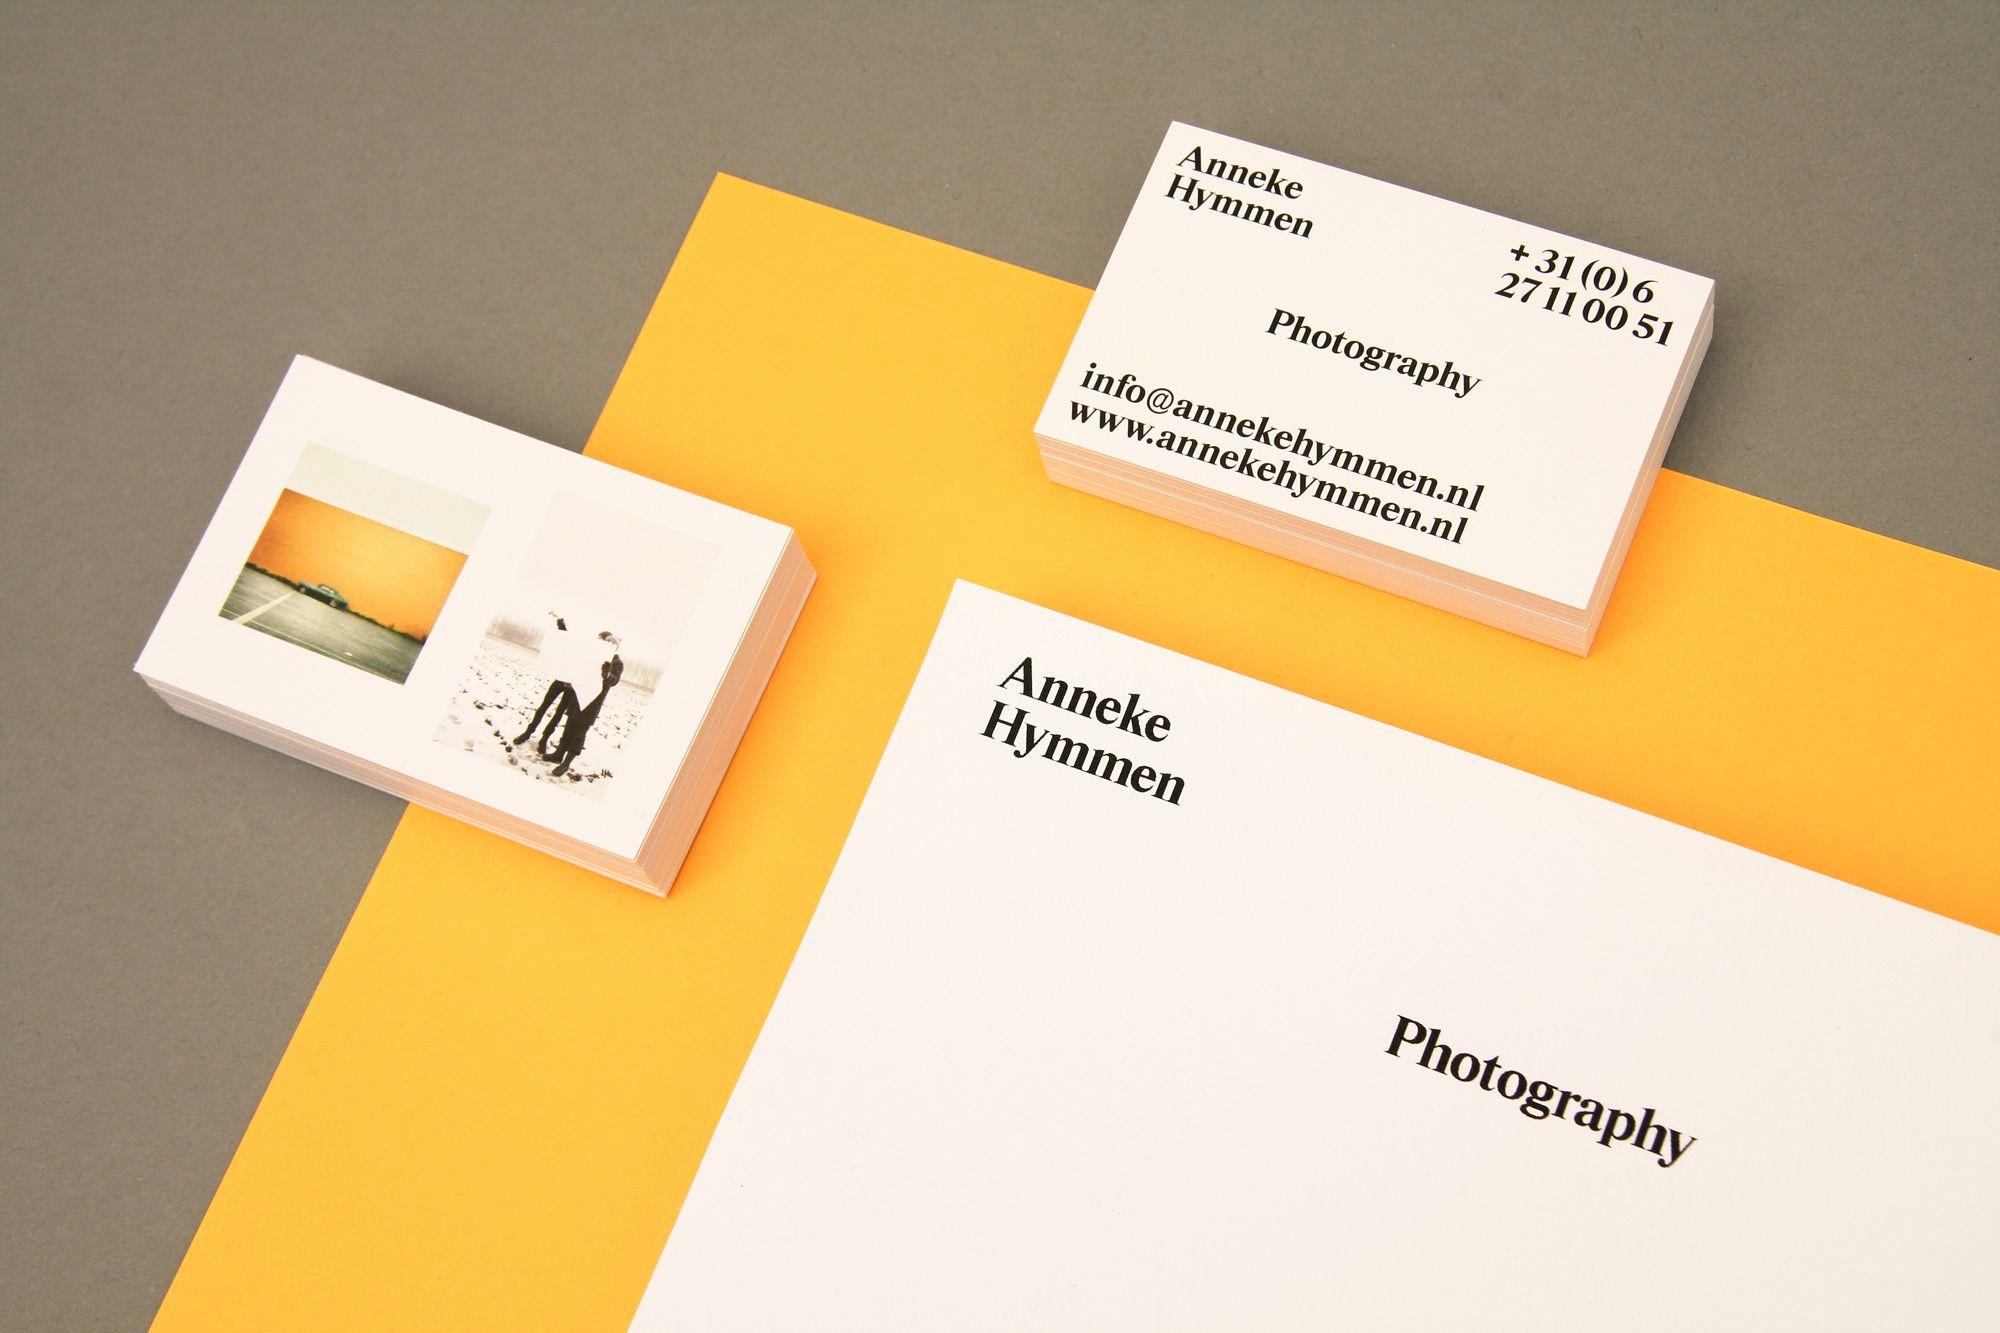 BarbaraHennequin-Identity-AnnekeHymmen-01